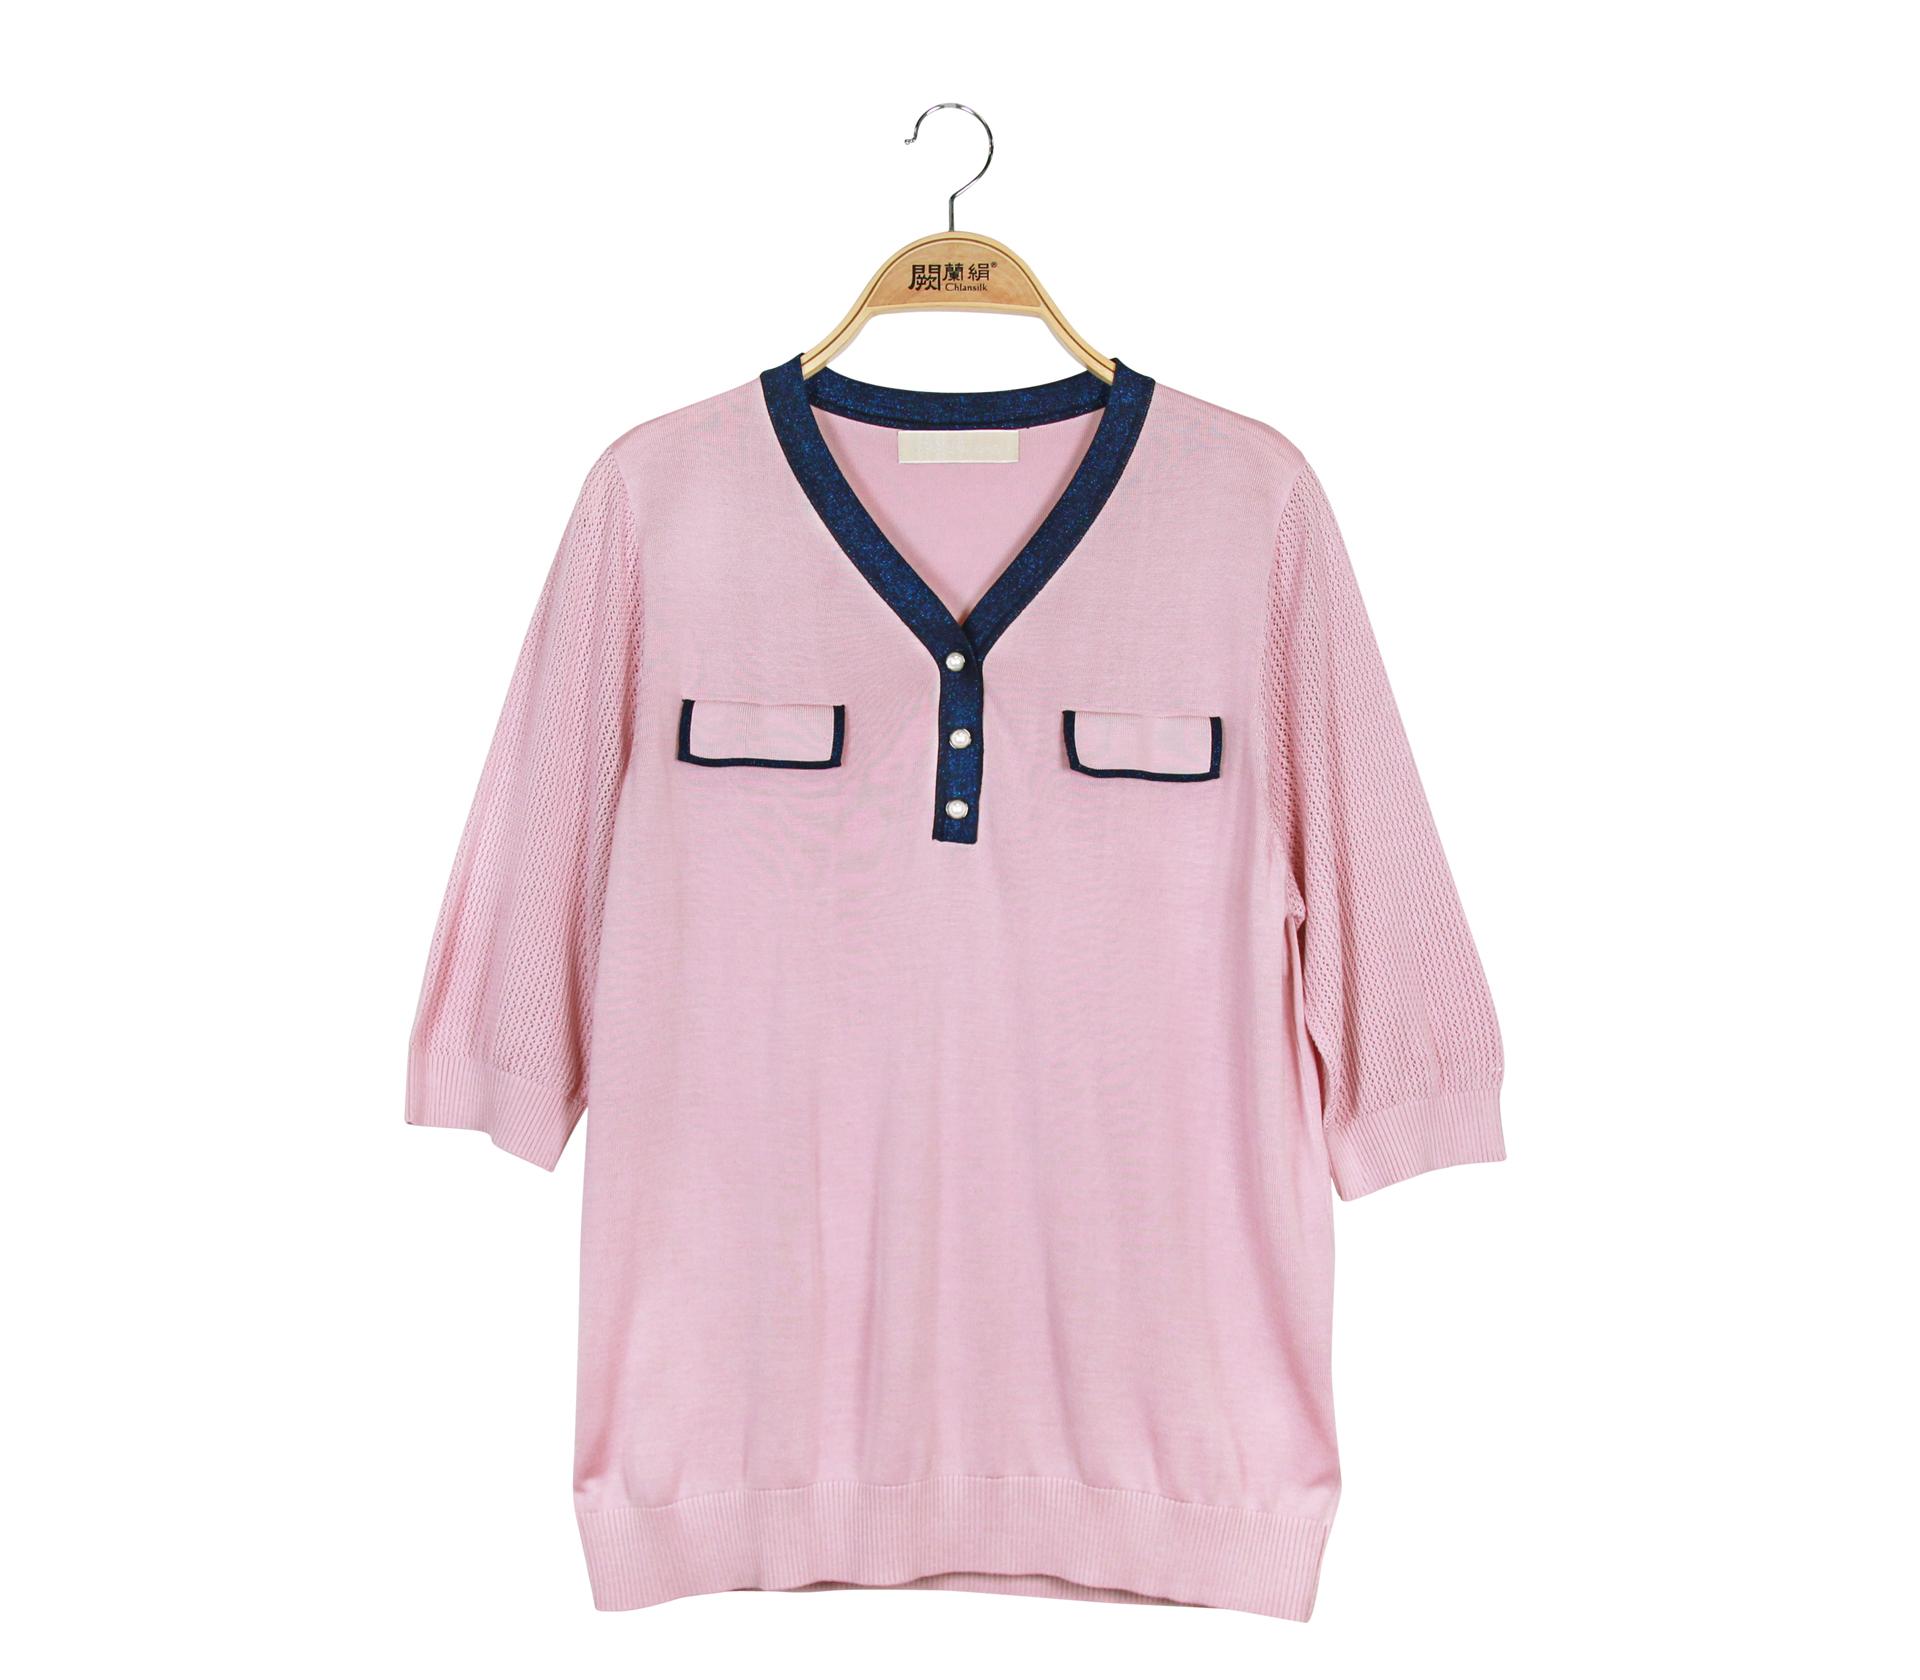 闕蘭絹經典配色蠶絲針織短袖上衣 - 粉色 - 6649